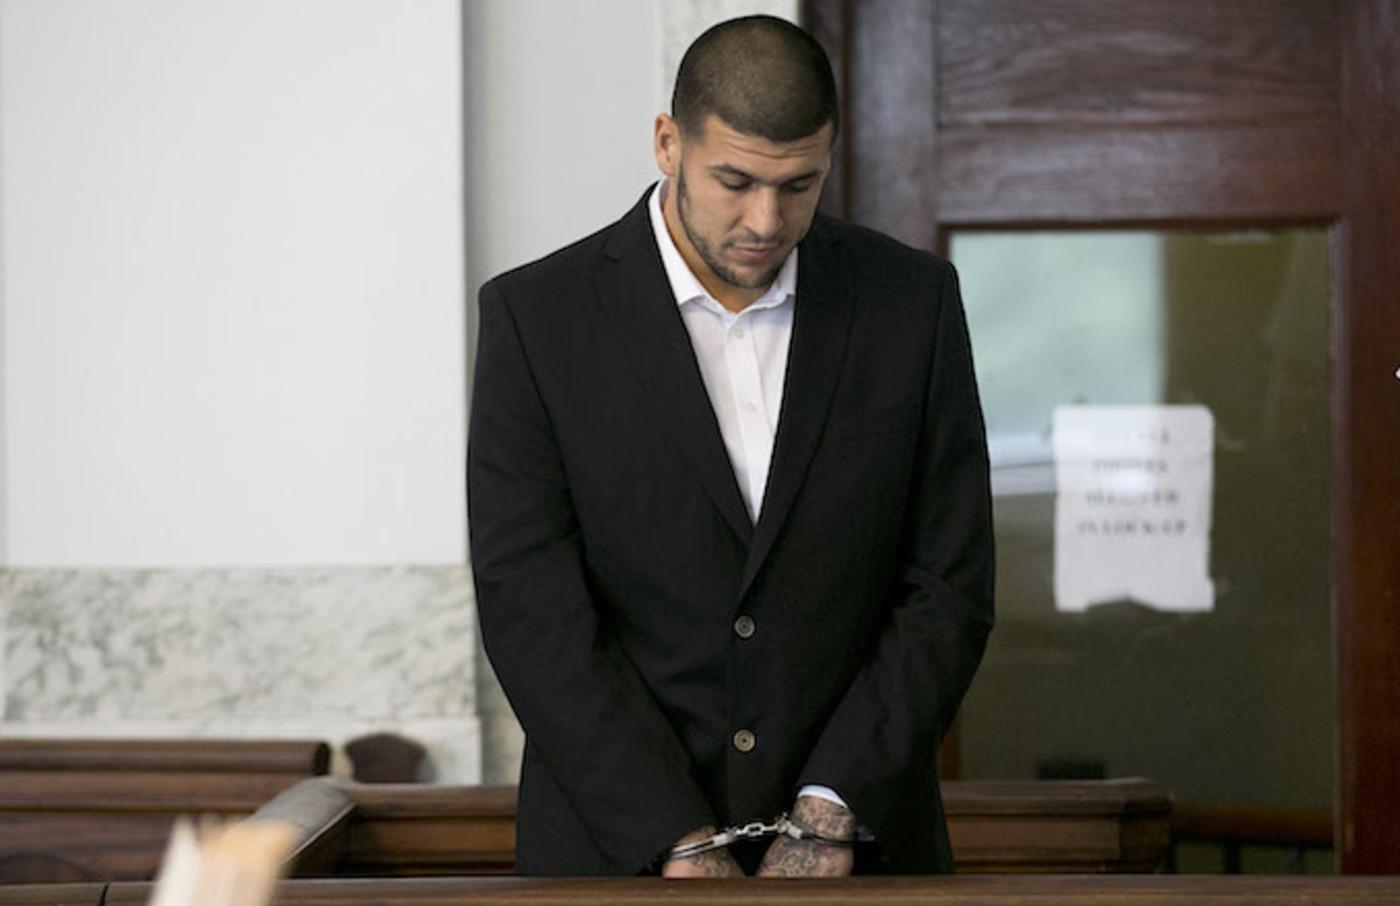 Aaron Hernandez appearing in court.